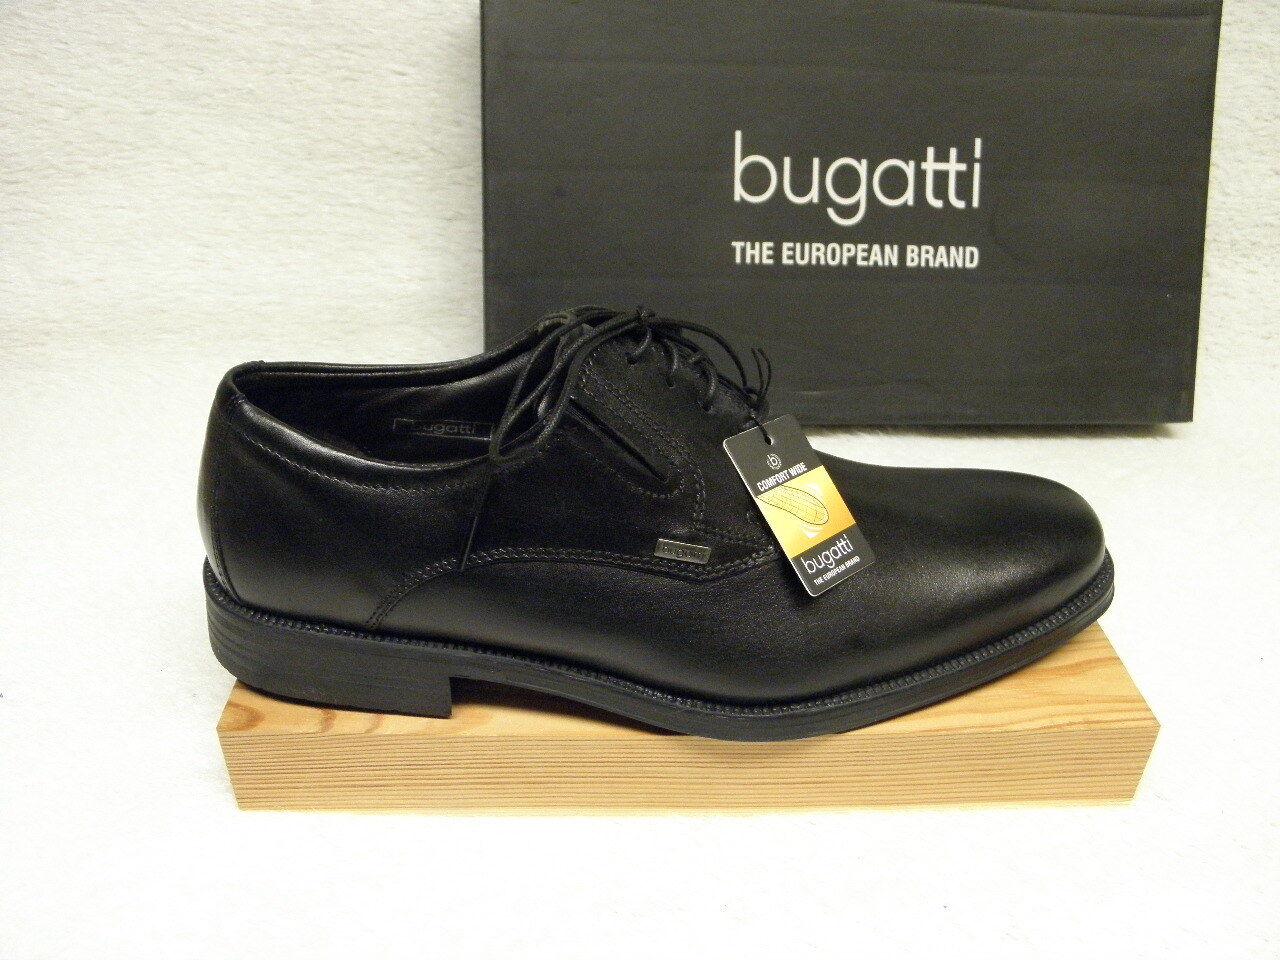 Bugatti ® Sale Réduit jusqu 'ici  + Gratuit Premium-Chaussettes (b30)